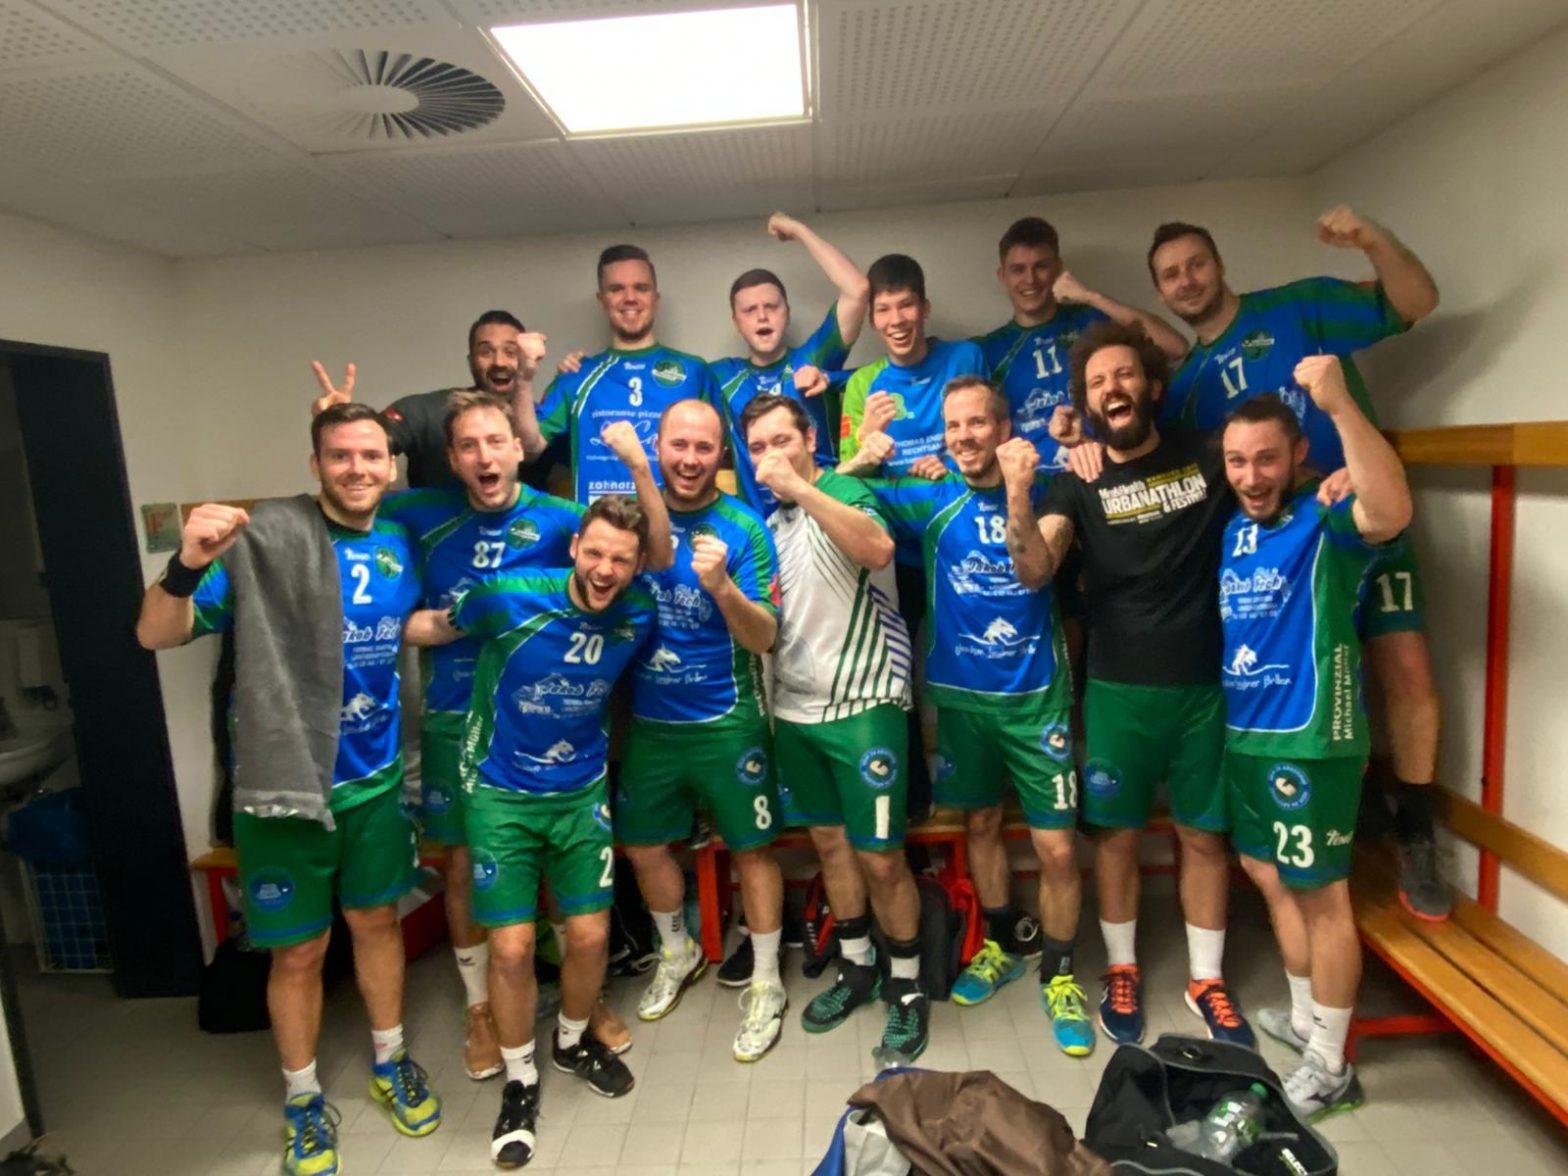 HSG1920 Herren 3 HSG Sieg